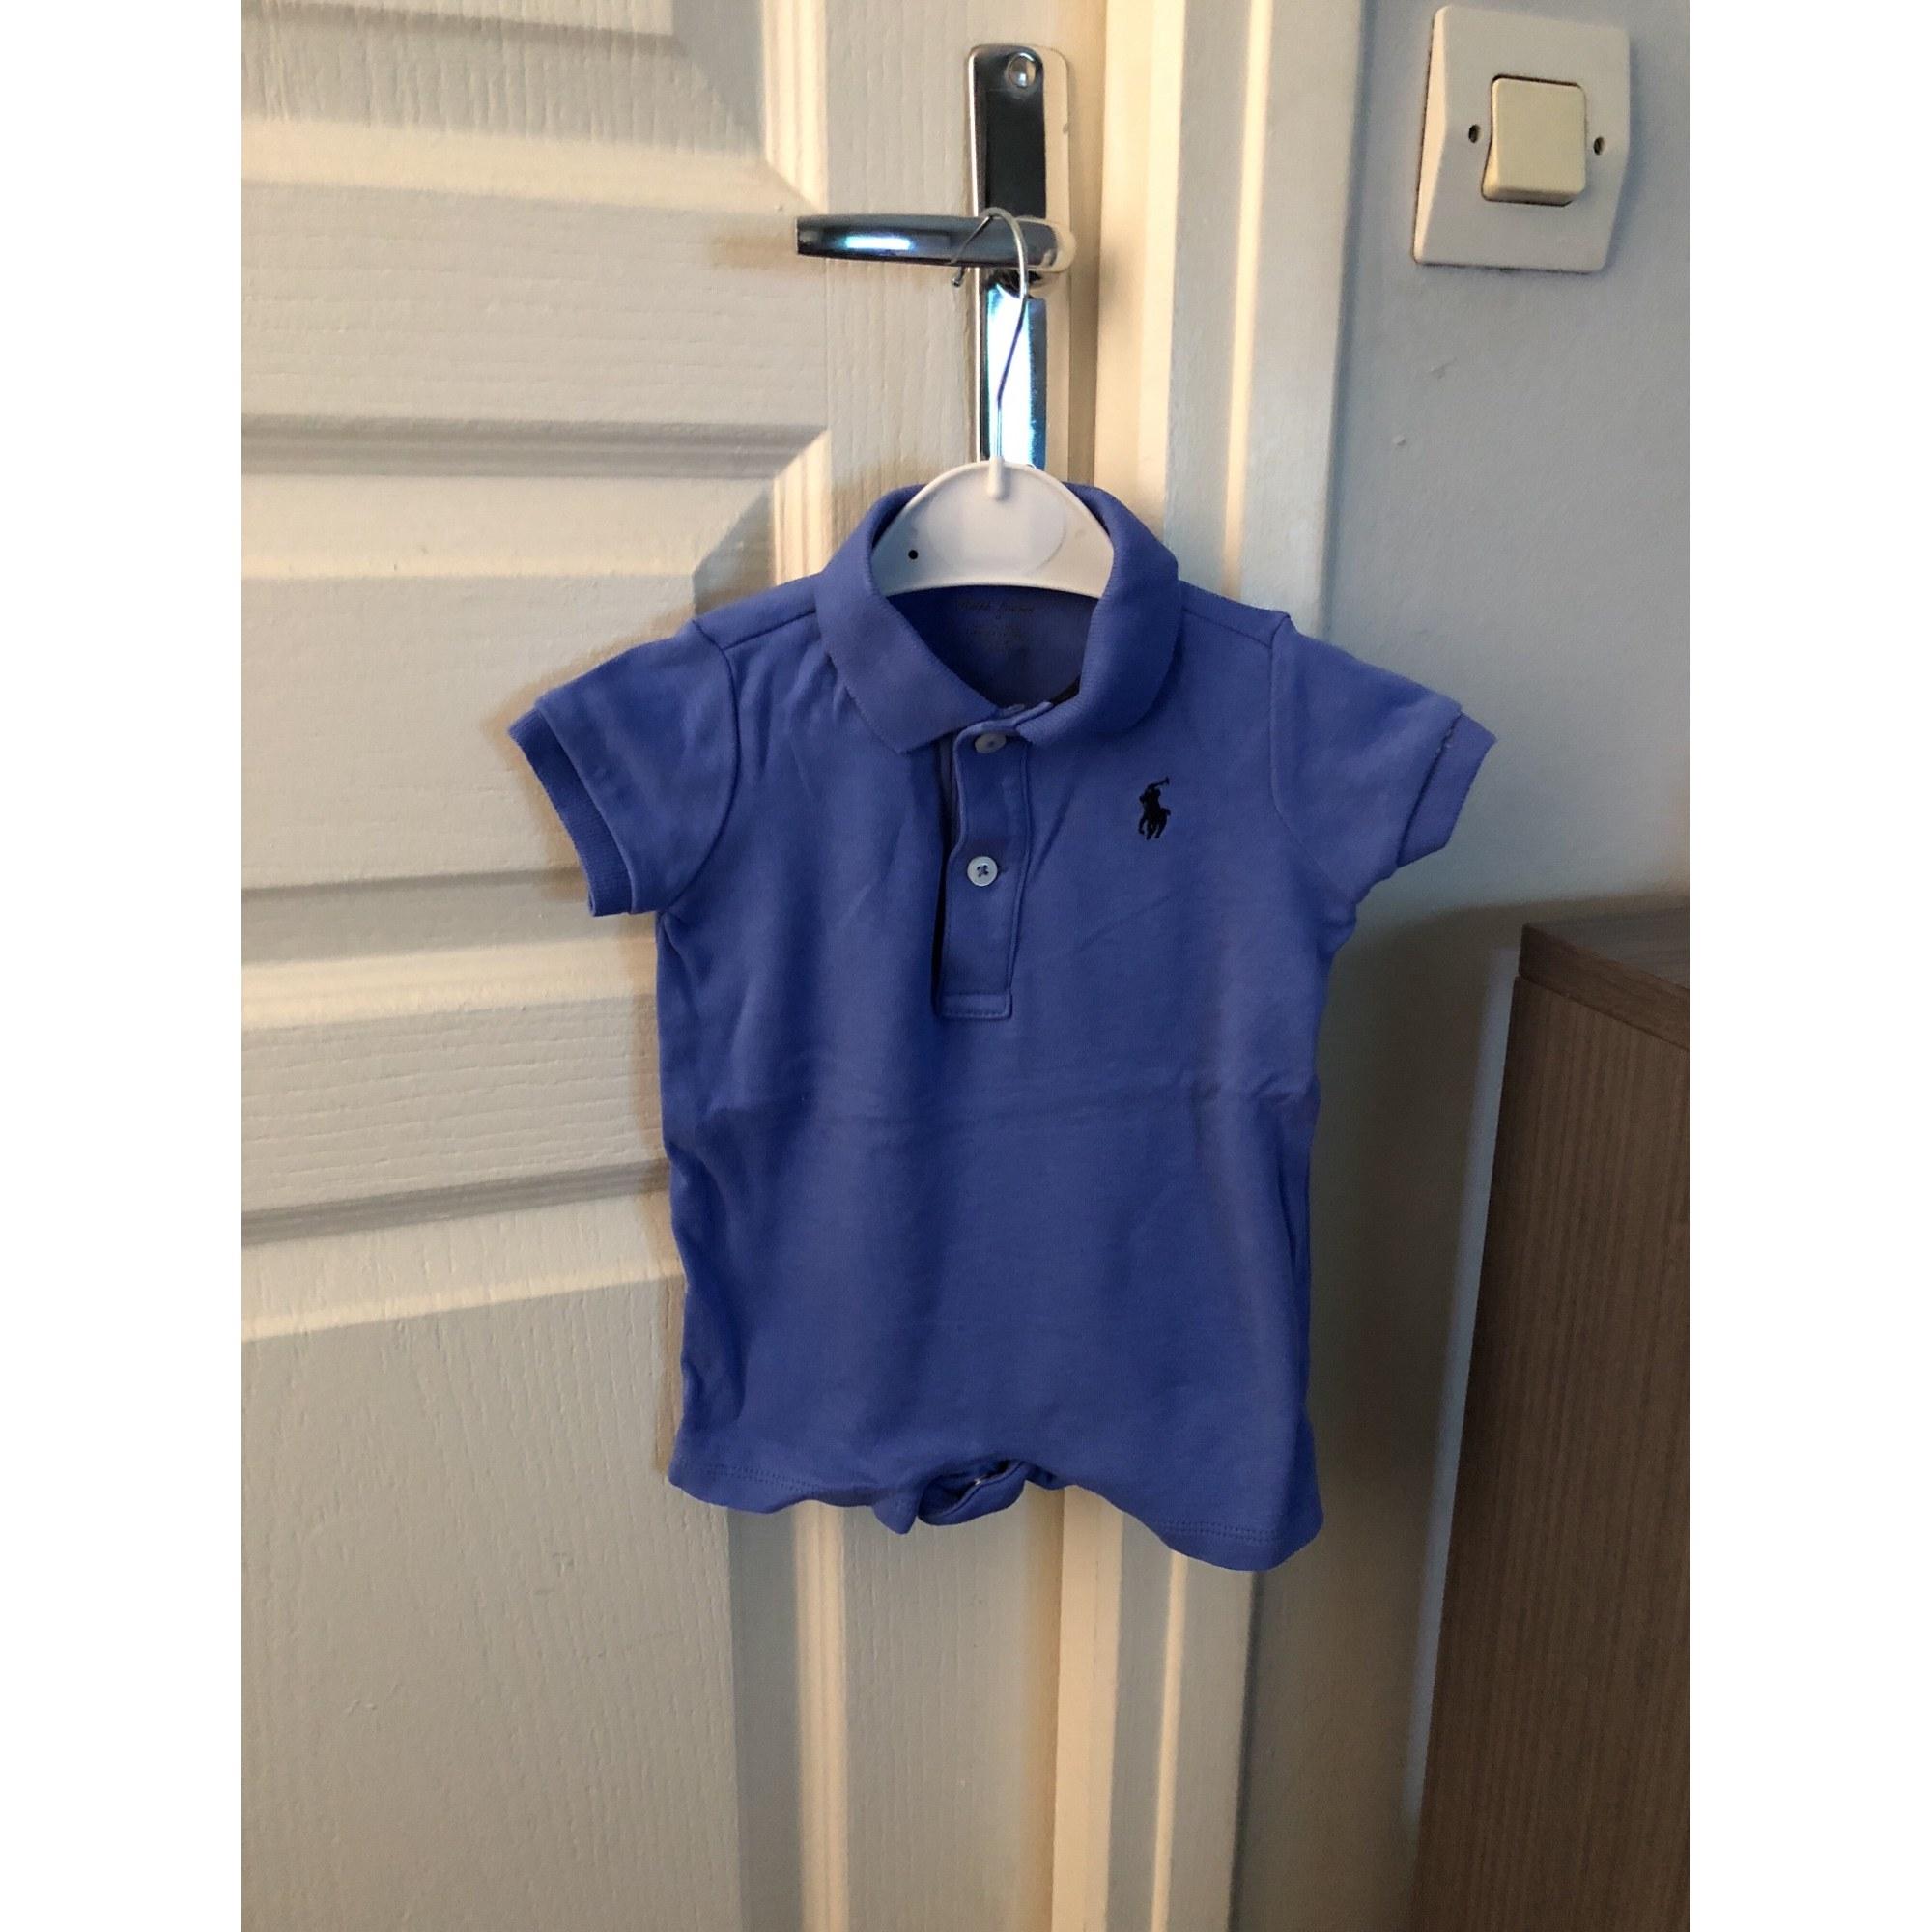 Ensemble   Combinaison short RALPH LAUREN Bleu, bleu marine, bleu turquoise 96d722d45efa